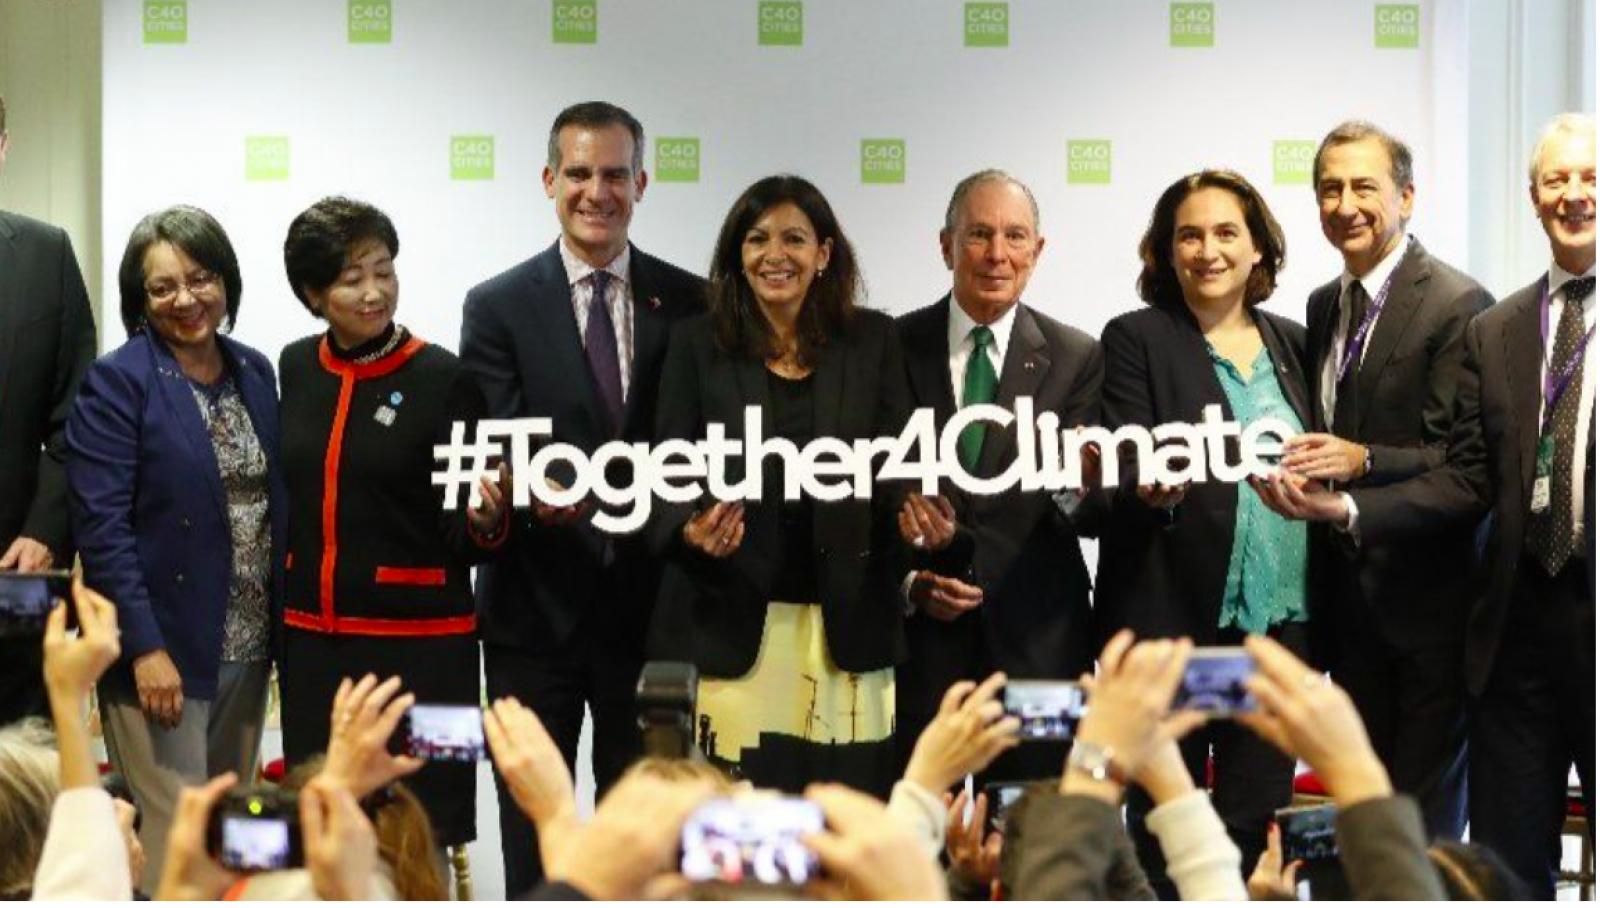 Foto de famílies d'alcaldesses i alcaldes a París per aconseguir ciutats més verdes